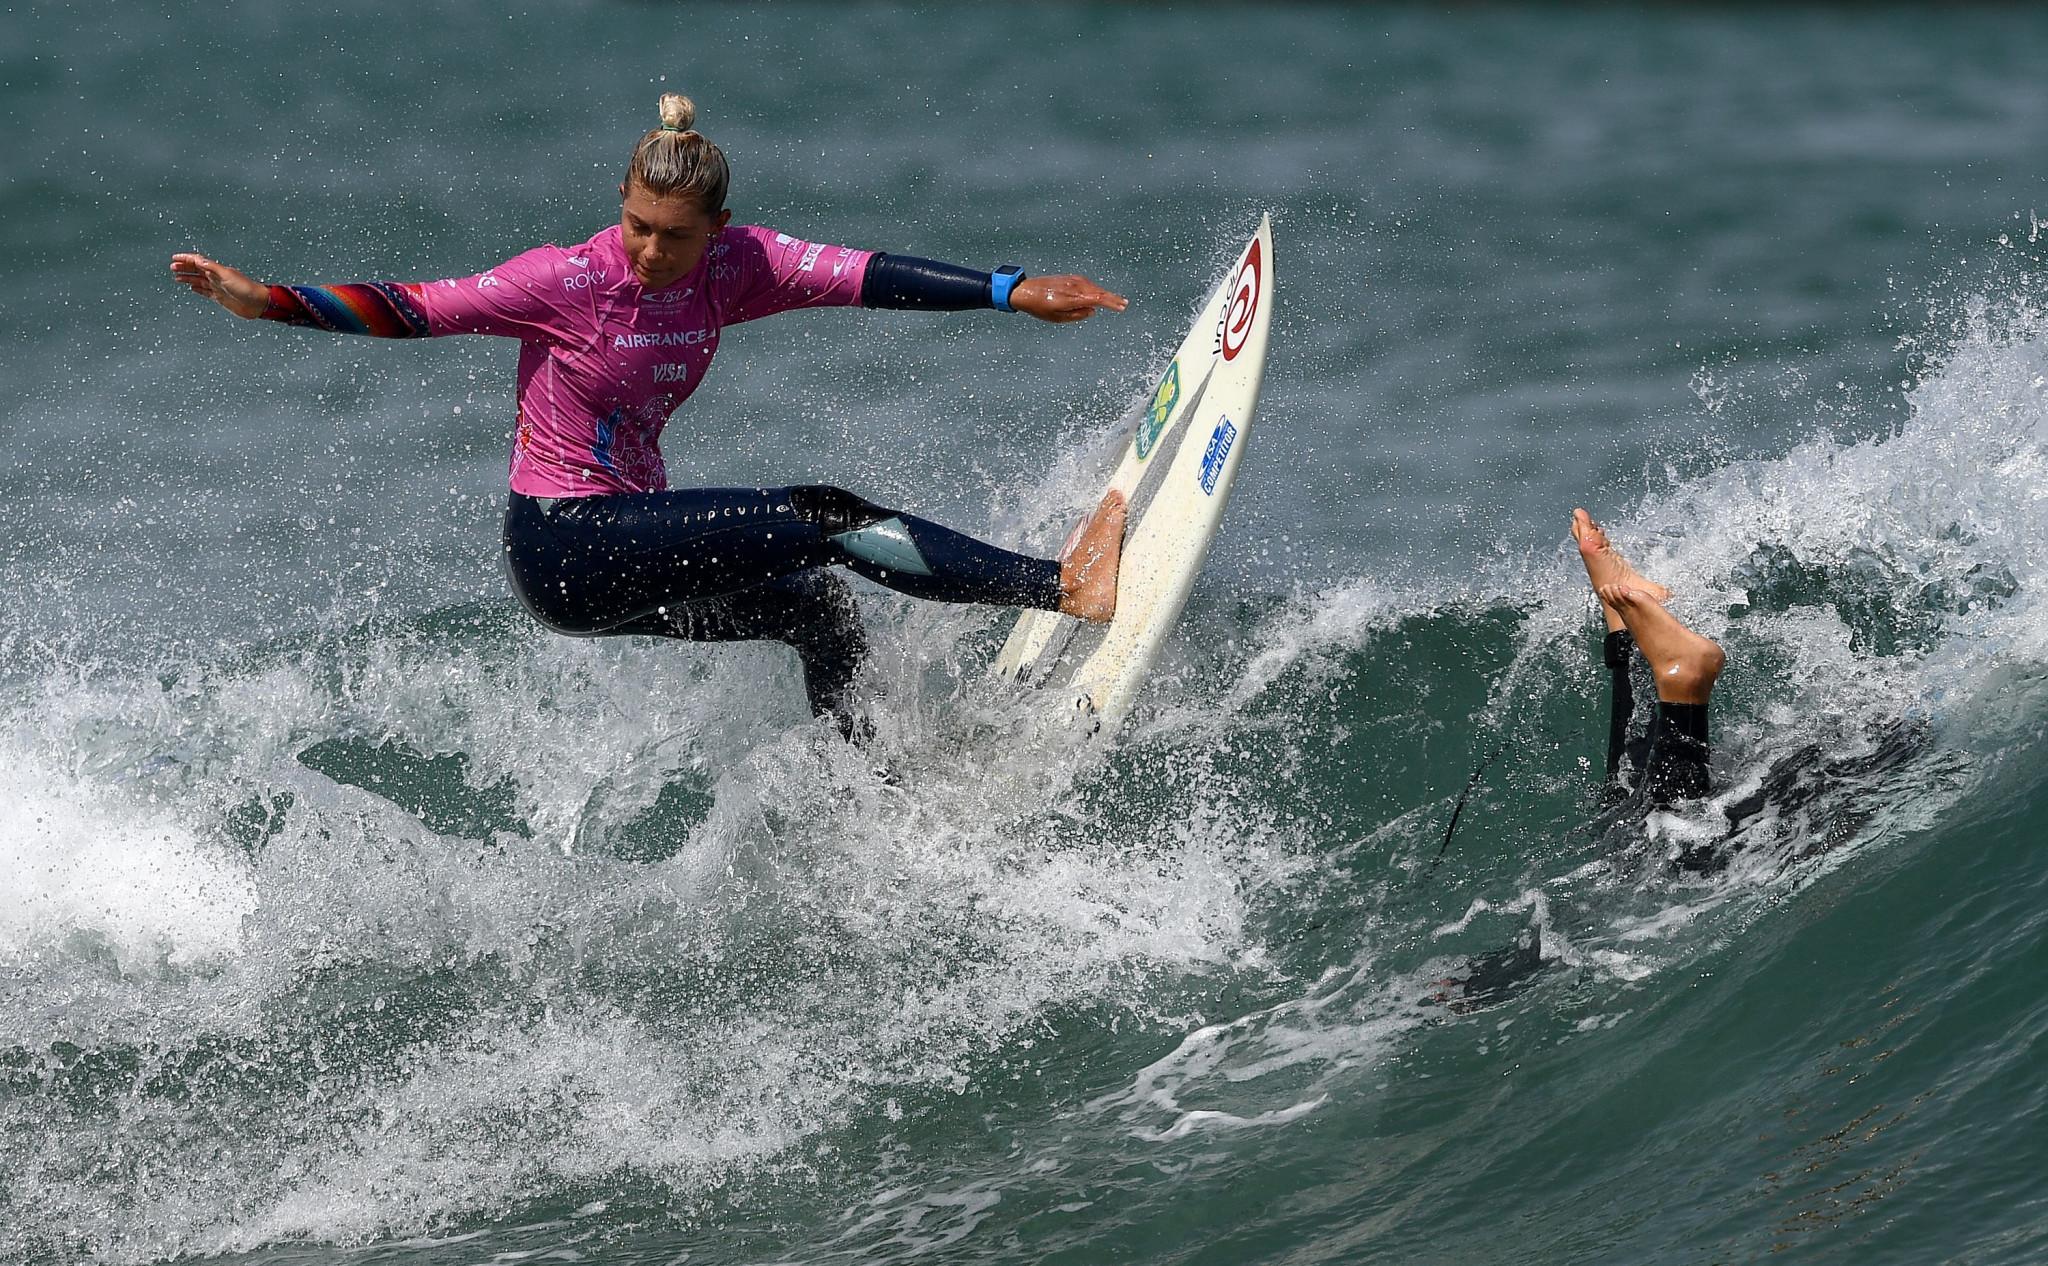 El primer Campeonato del Mundo Senior de Roas fue en el Surf World 2017 en Biarritz, donde terminó noveno © Getty Images